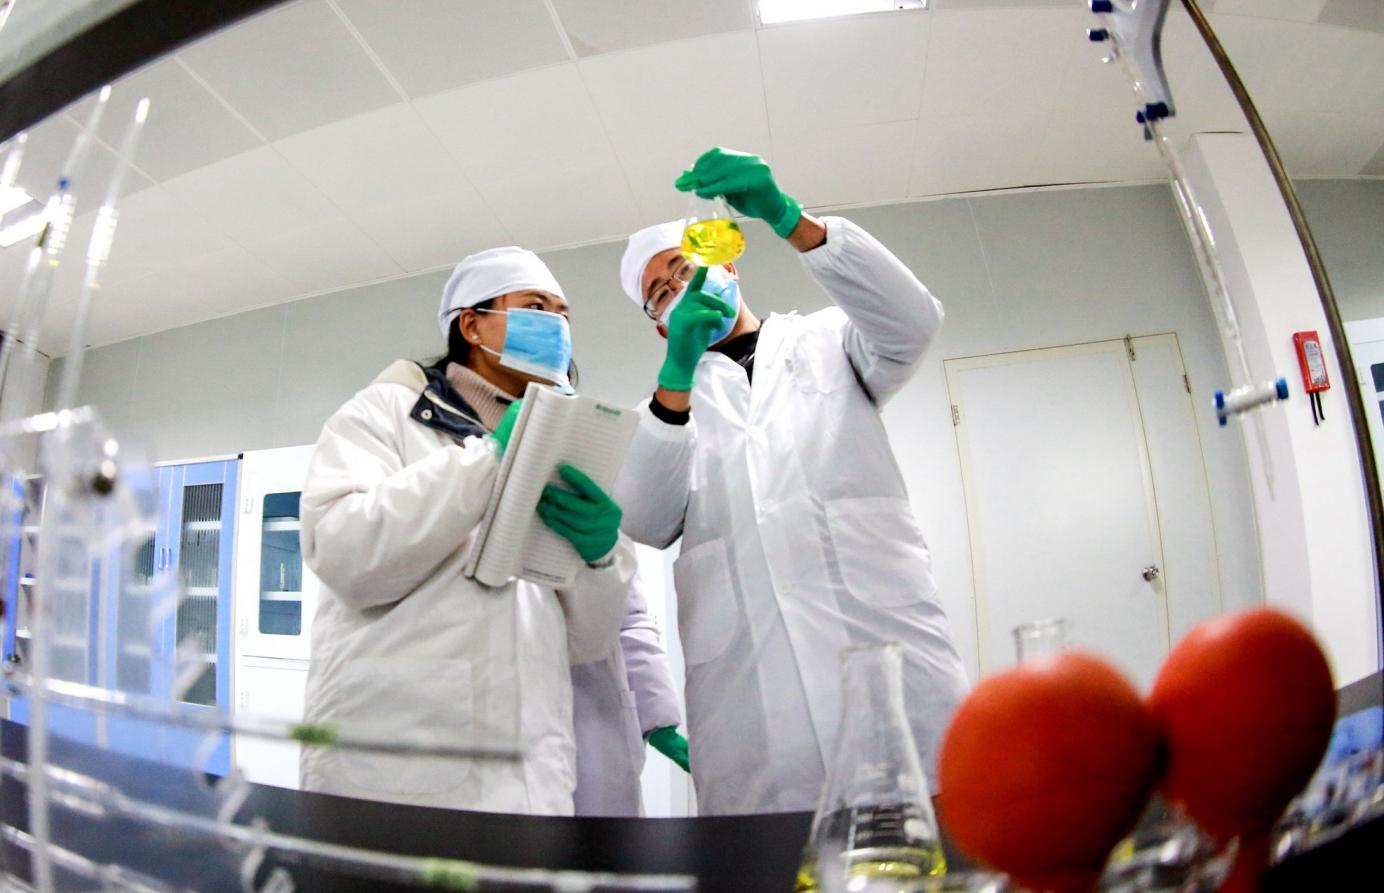 研报掘金 | 复星医药(600196.SH):研发管线从Biosimilar到Innovative全覆盖,关注核心产品研发进度